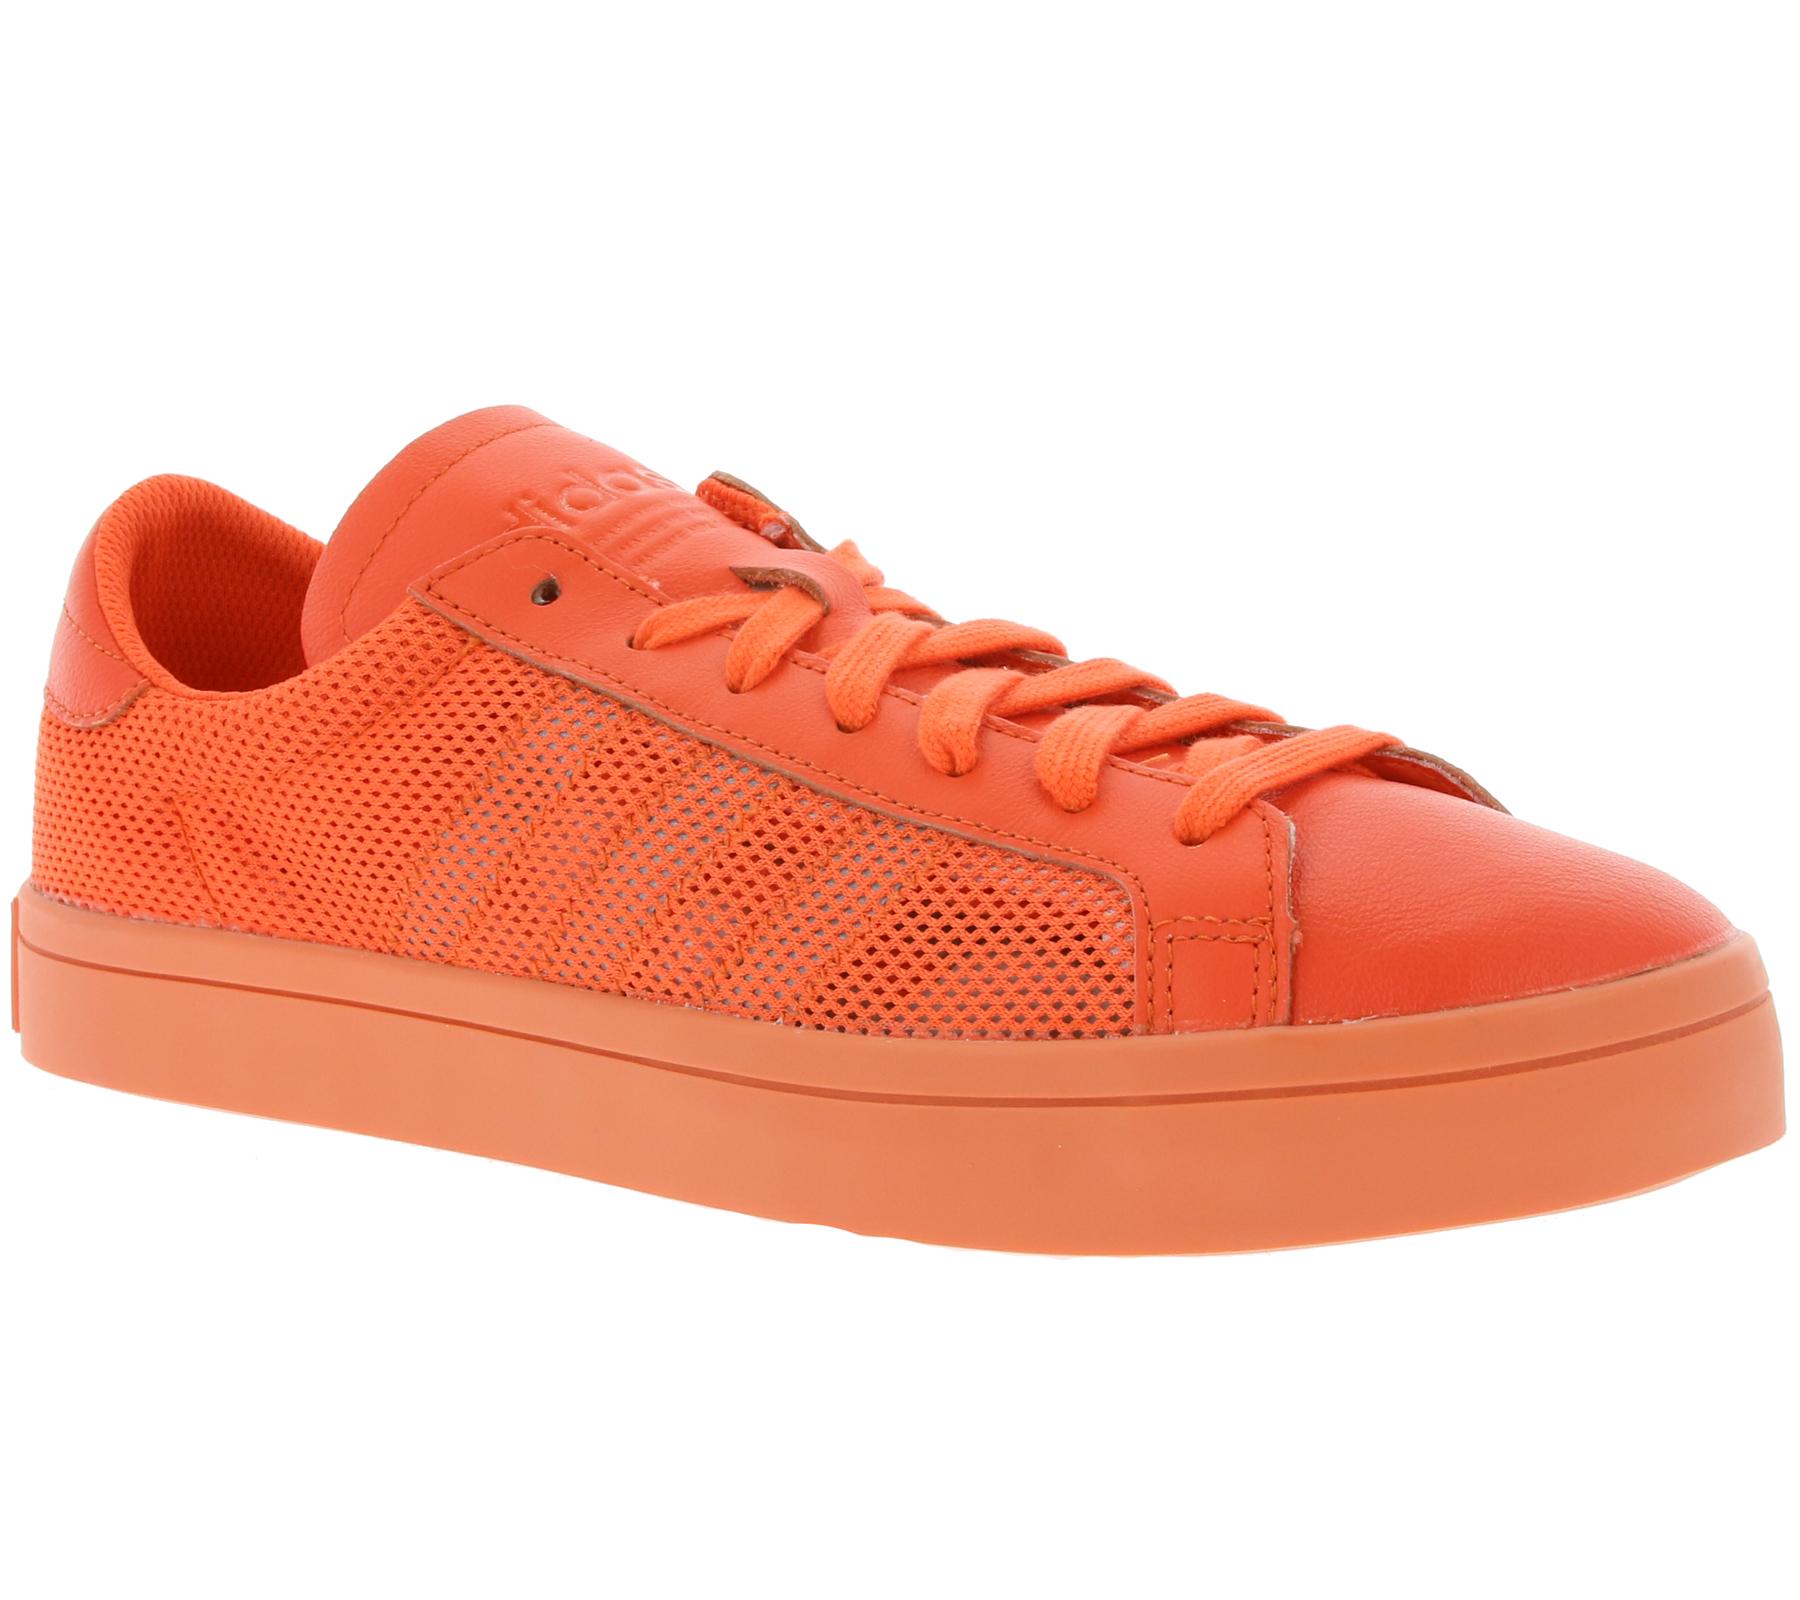 adidas Originals Court Vantage sneakers €19,99 (ex verzending) @ Outlet46